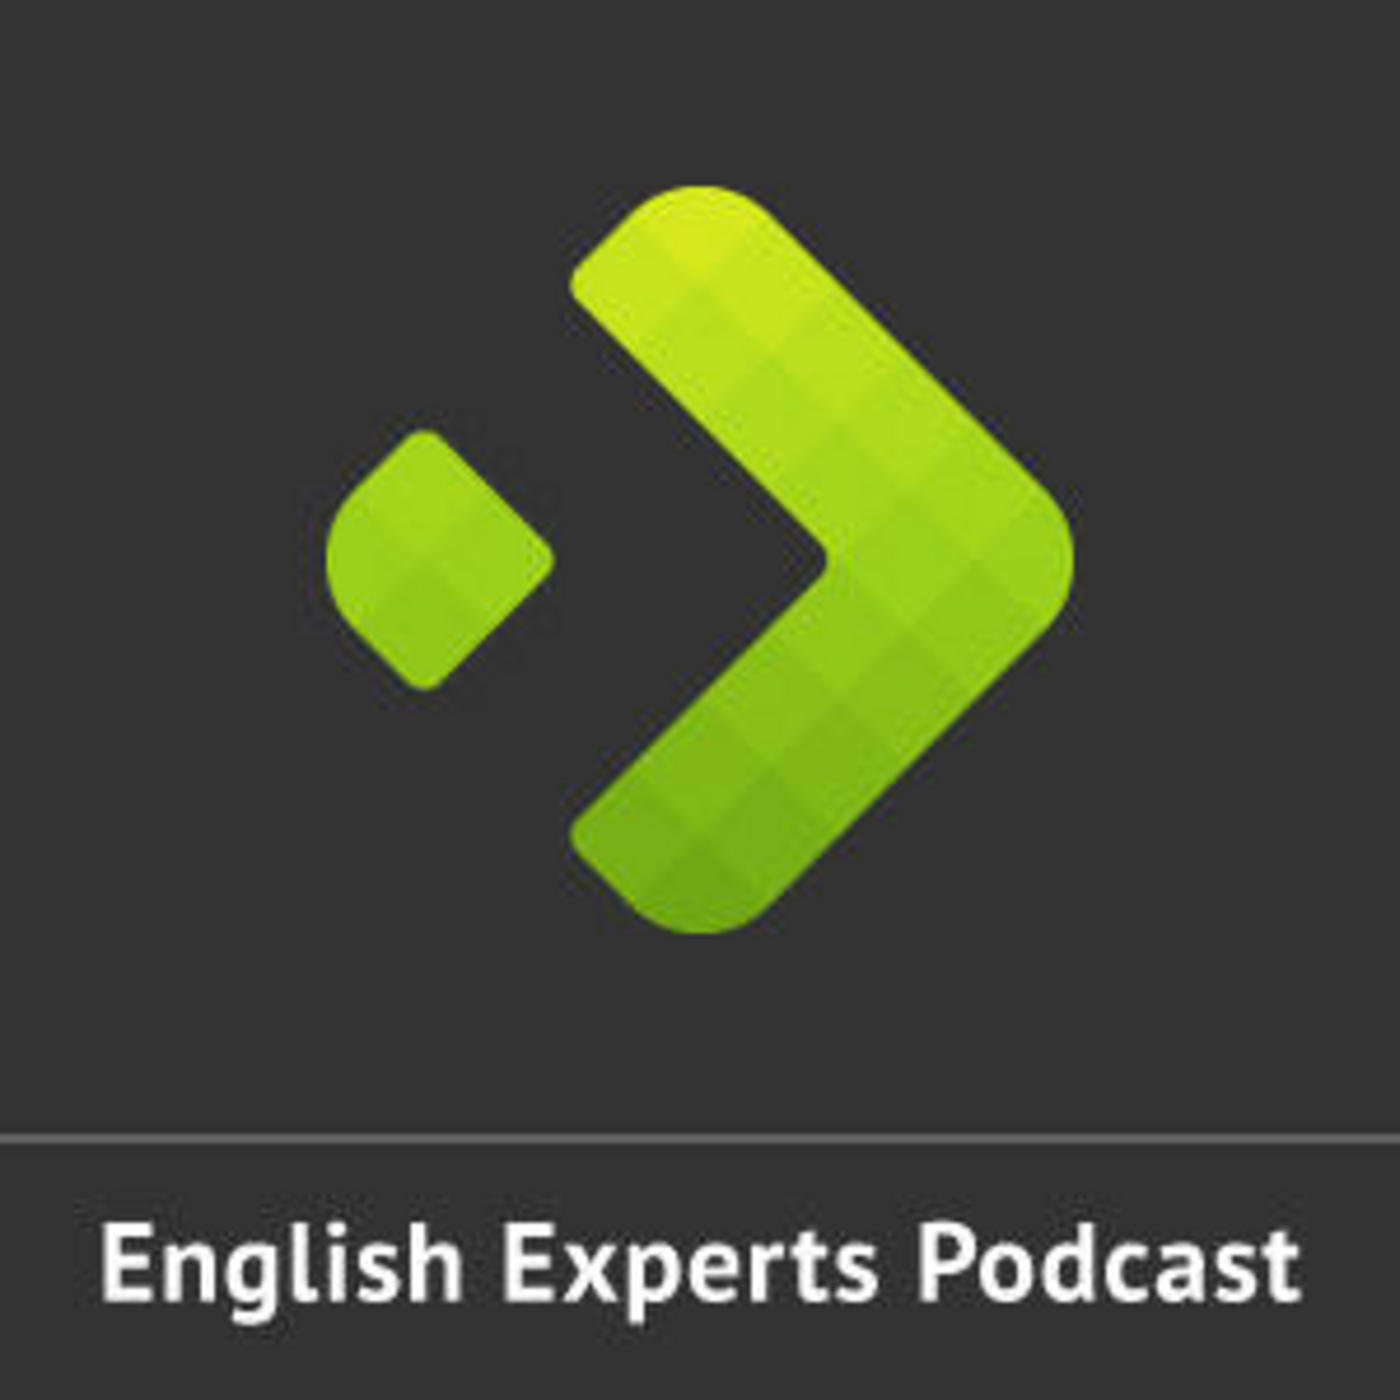 Artesanato Com Papel Origami Passo A Passo ~ Como Fazer Perguntas em Ingl u00eas u2013 English Podcast #58 en English Podcast en mp3(31 01 a las 09 40